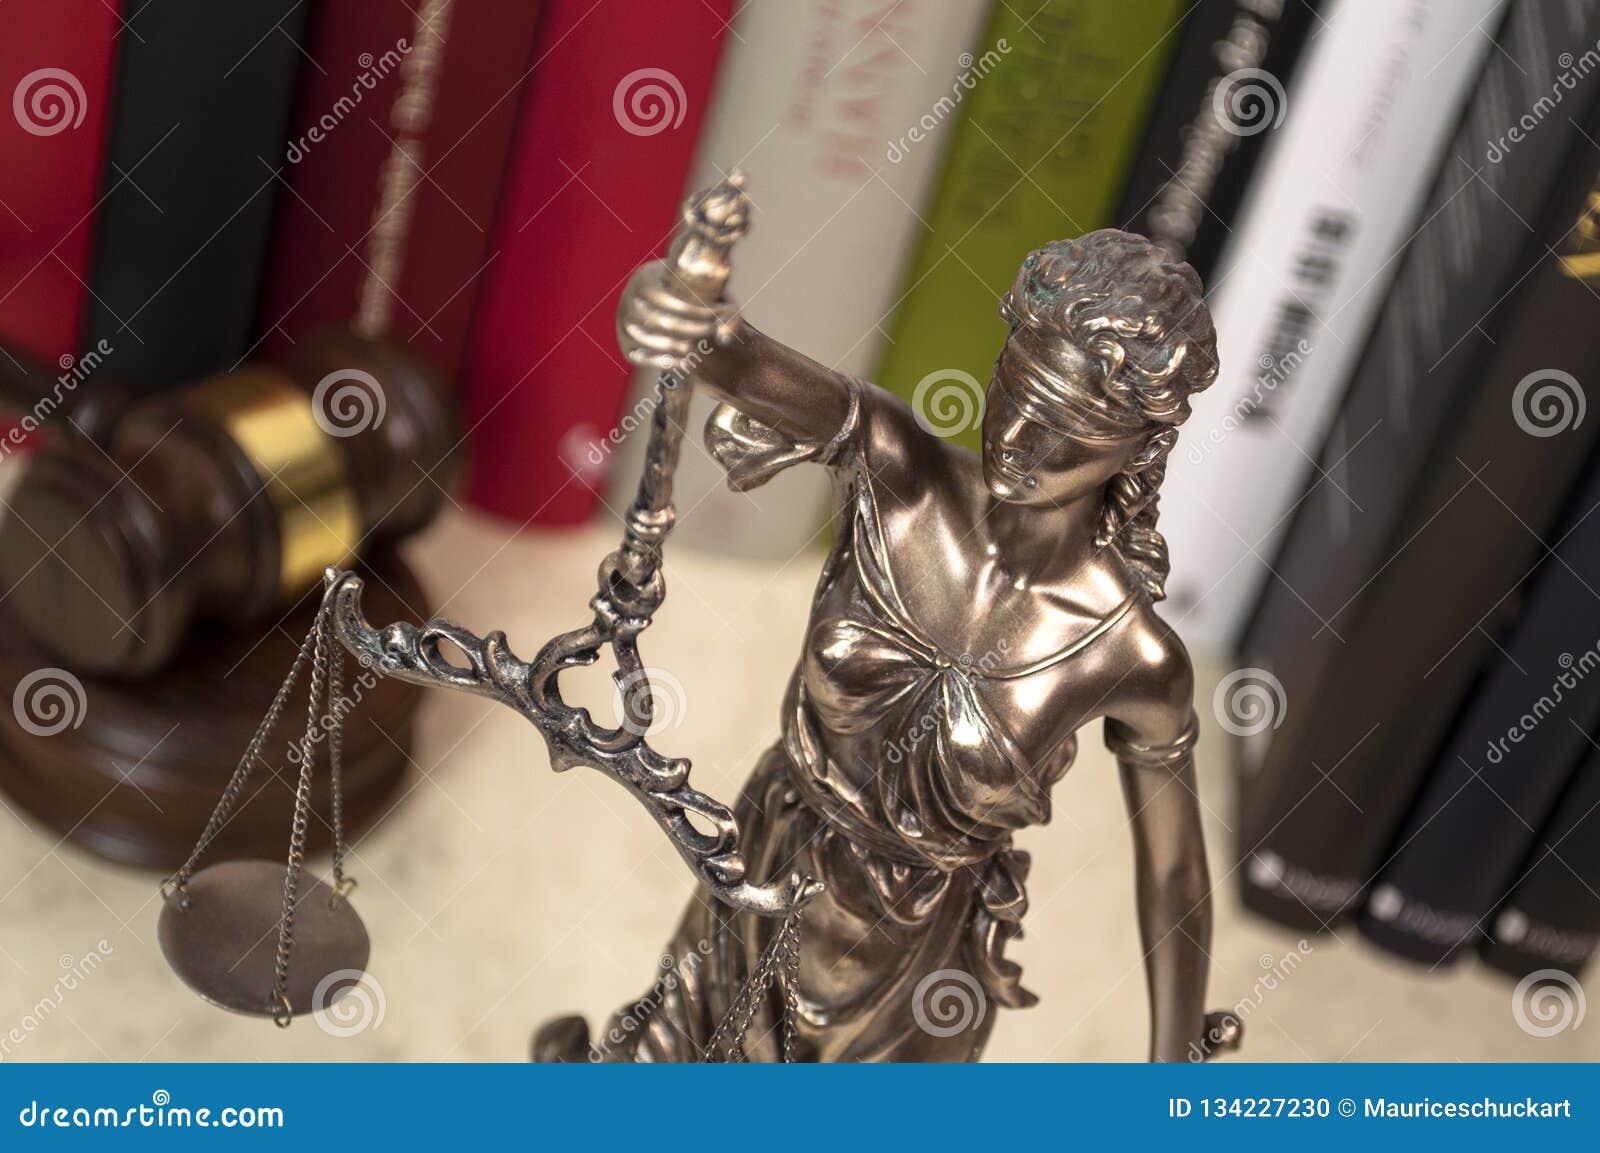 Rechtvaardigheidsstandbeeld op een bureau